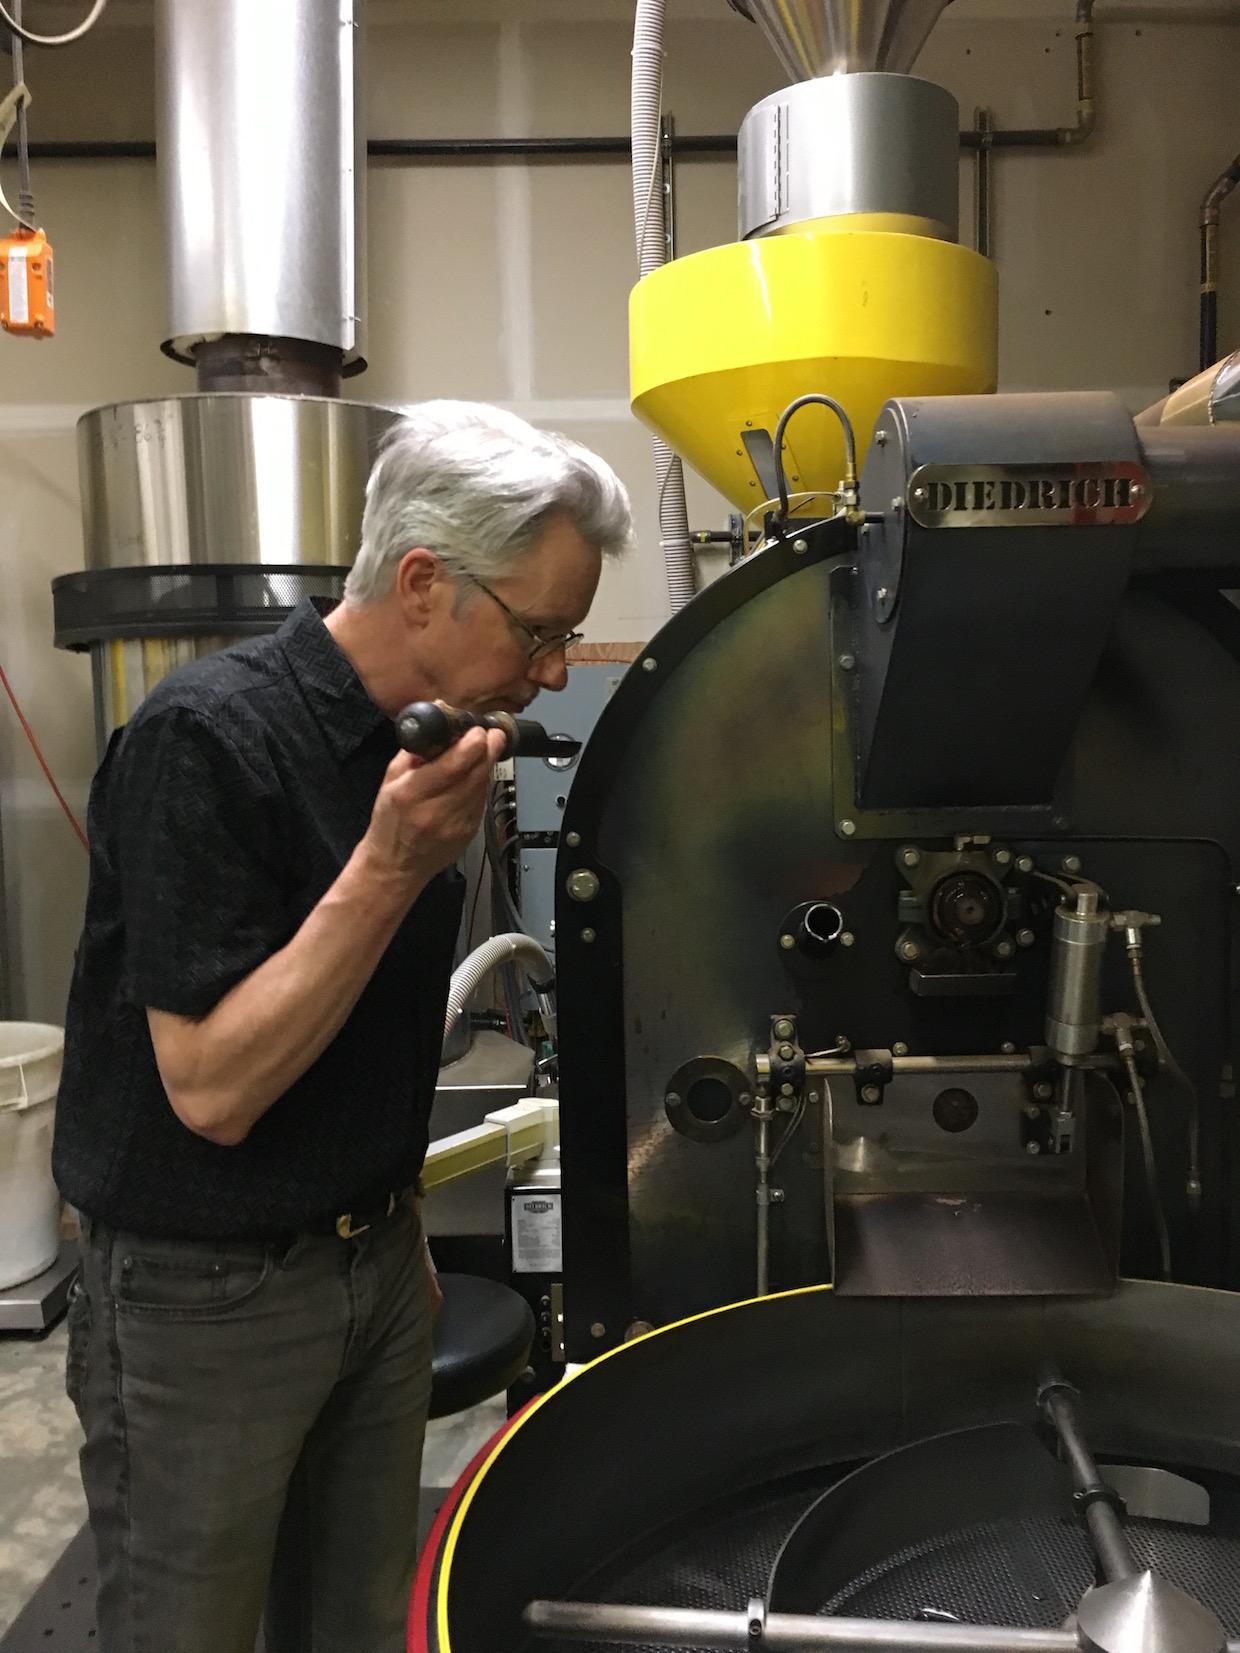 David Schomer espresso seattle